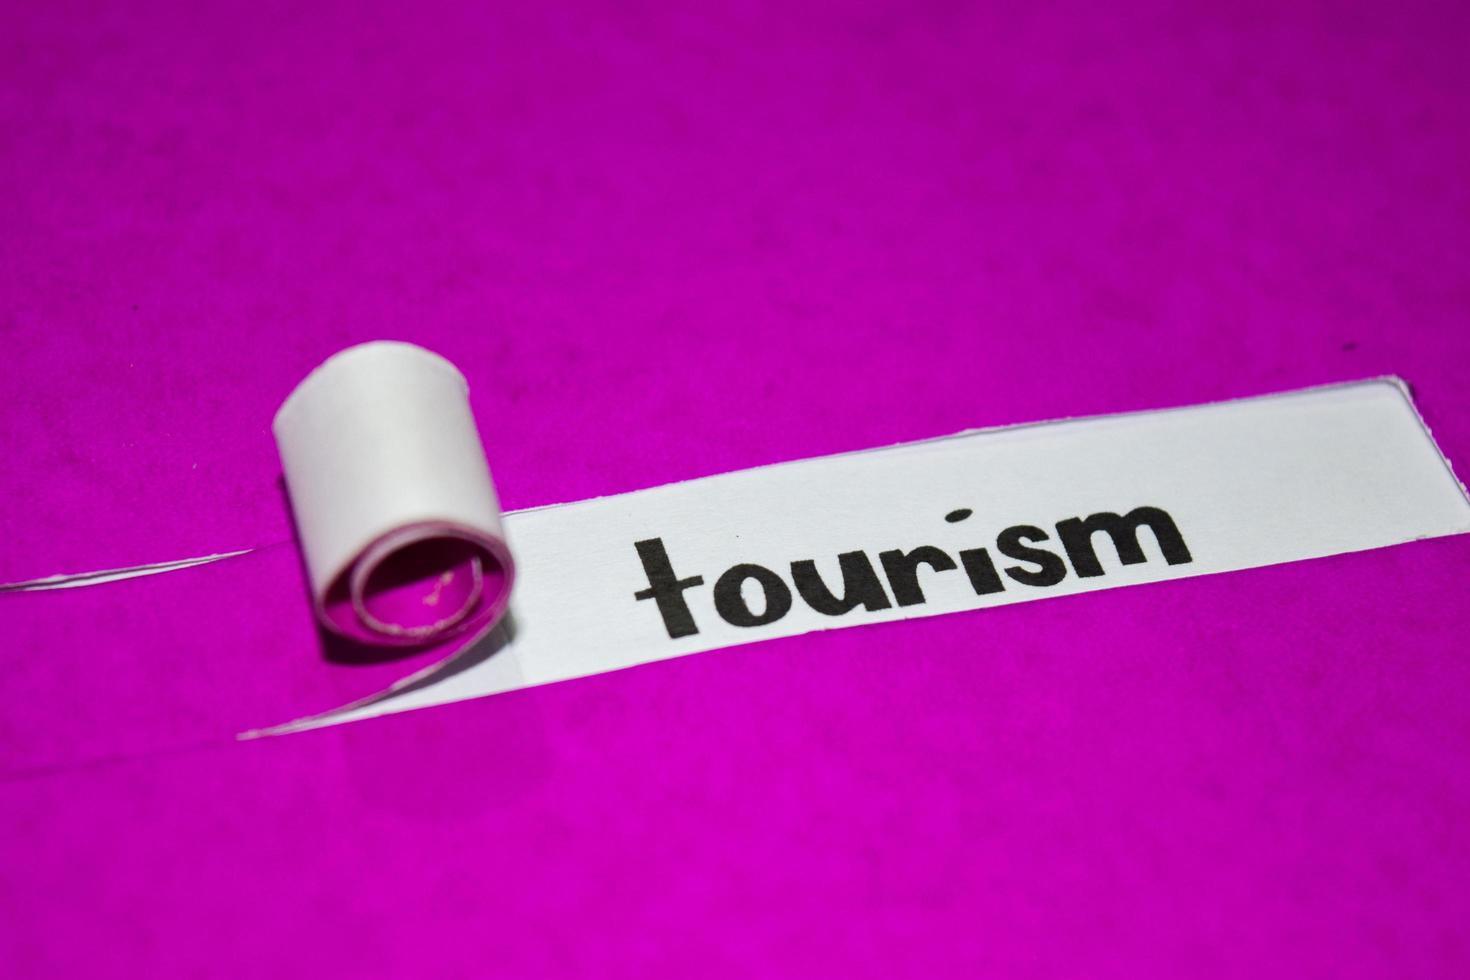 turismstext, inspiration, motivation och affärsidé på lila sönderrivet papper foto